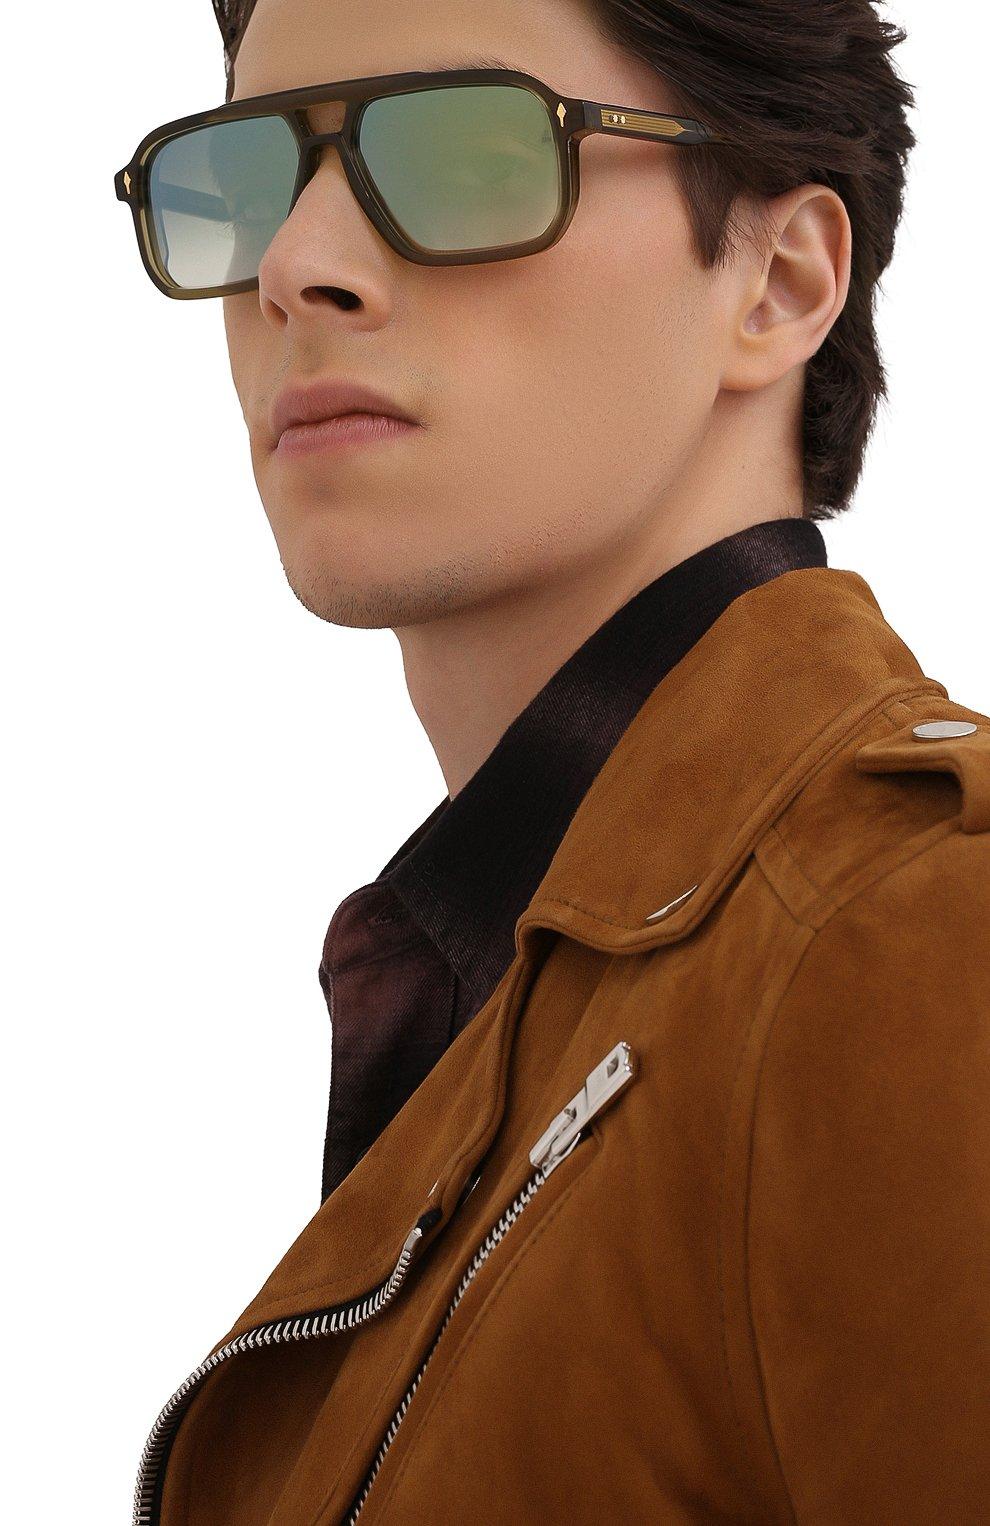 Мужские солнцезащитные очки JACQUES MARIE MAGE хаки цвета, арт. FELS0N JMMFN-3N   Фото 2 (Тип очков: С/з; Очки форма: Прямоугольные; Оптика Гендер: оптика-мужское)